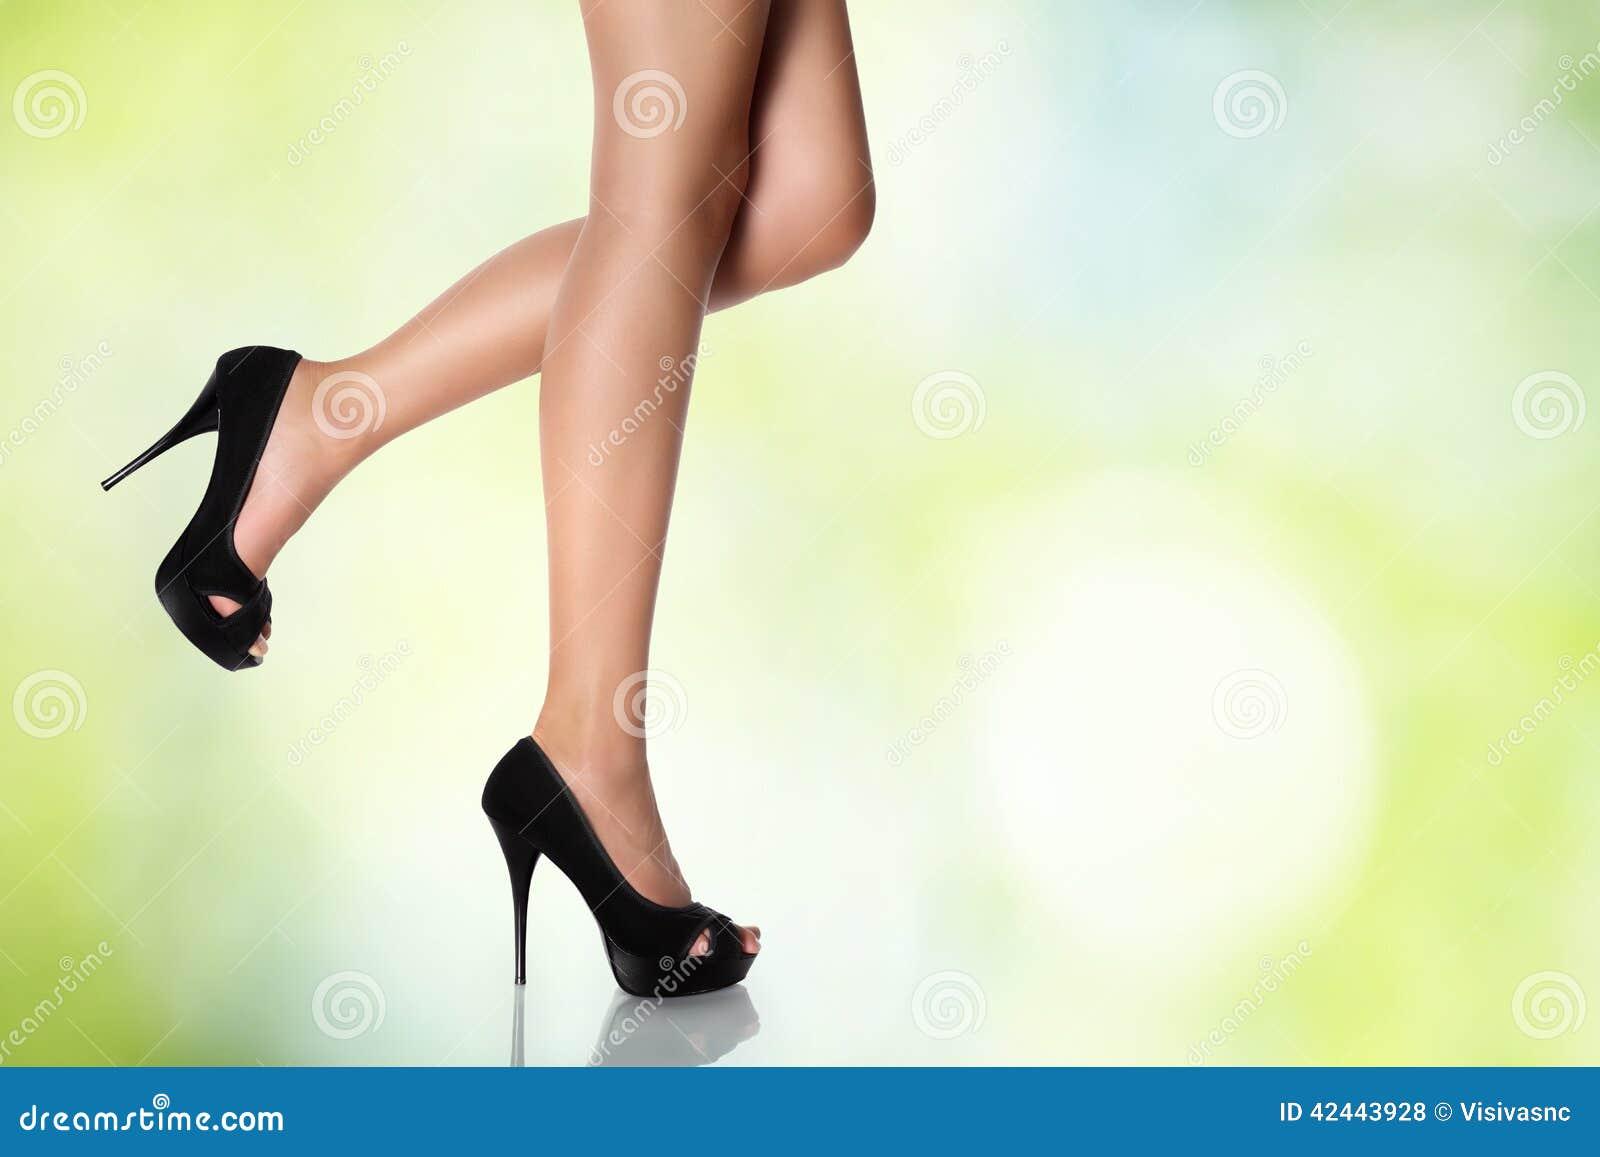 Piernas con los zapatos de tacón alto negros en un fondo verde